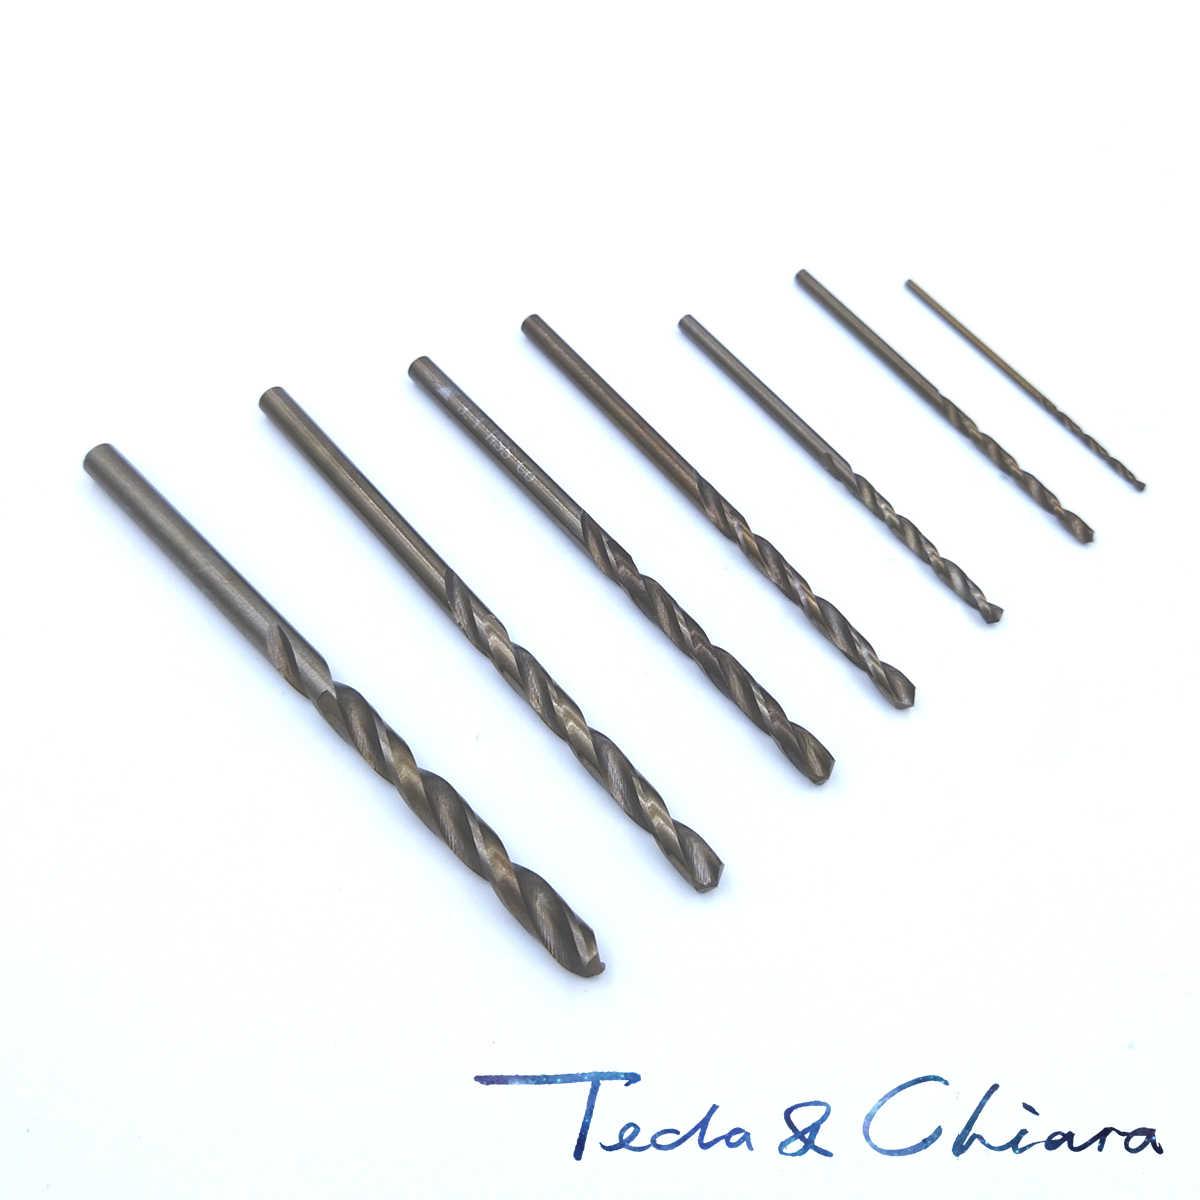 2 2.0 2.1 2.2 2.3 2.4 2.5 2.6 2.7 2.8 2.9mm HSS-CO M35 ze stali kobaltowej z chwytem prostym do stali nierdzewnej